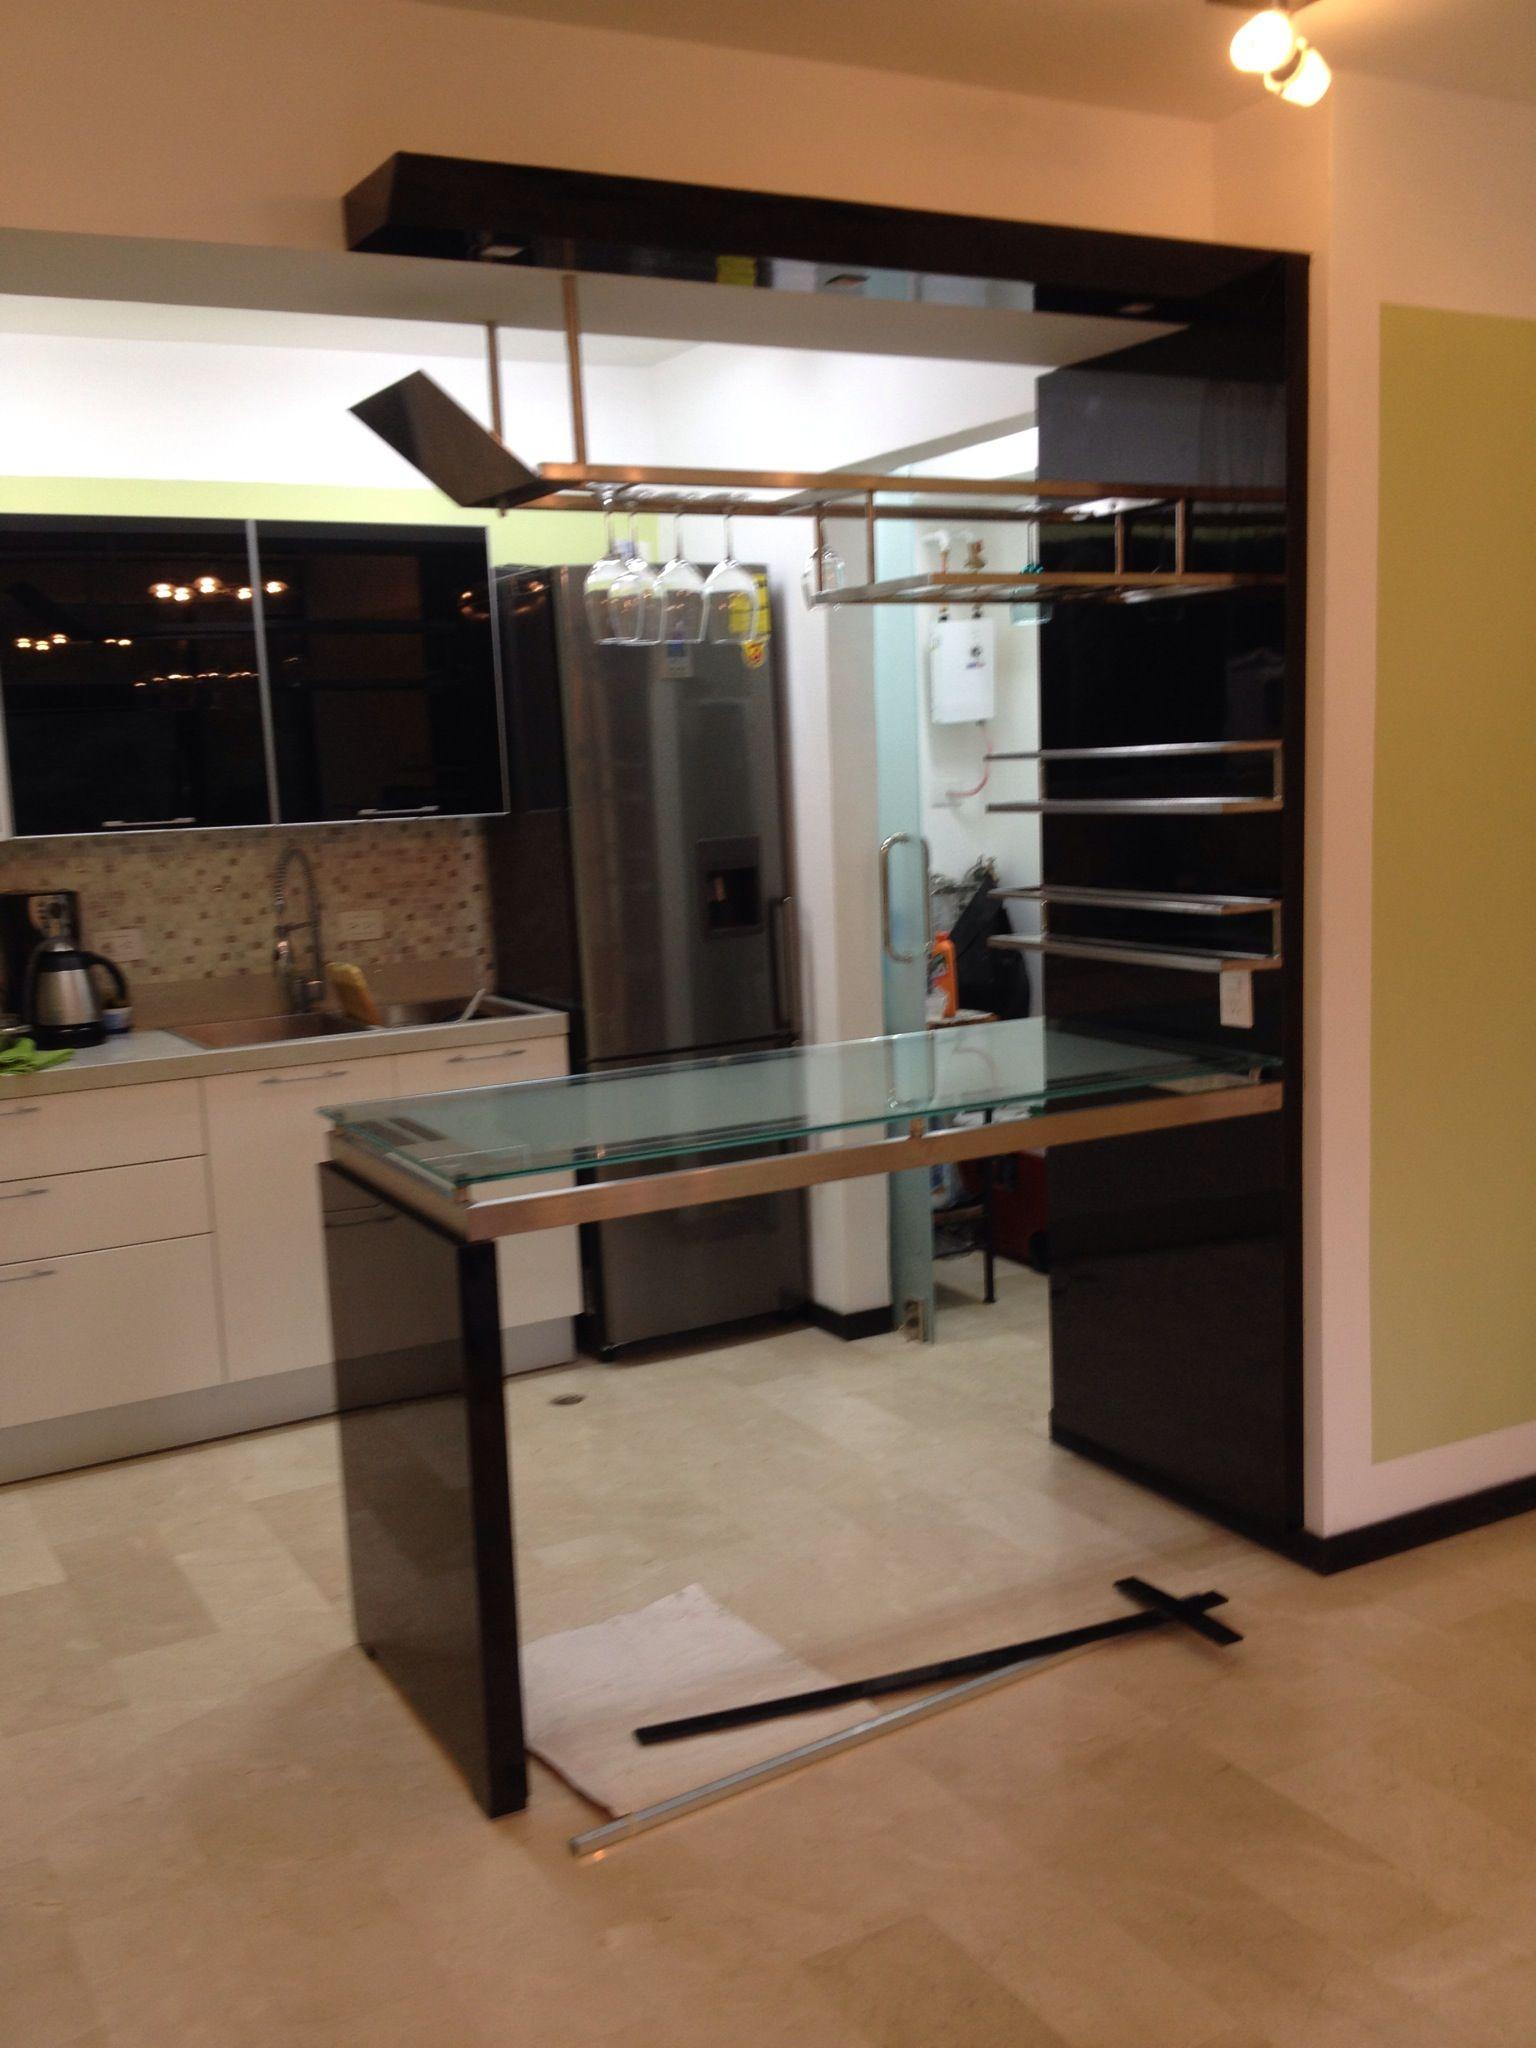 Ideas decoraci n barra de cocina y cantina remodelaci n for Remodelacion de cocinas pequenas